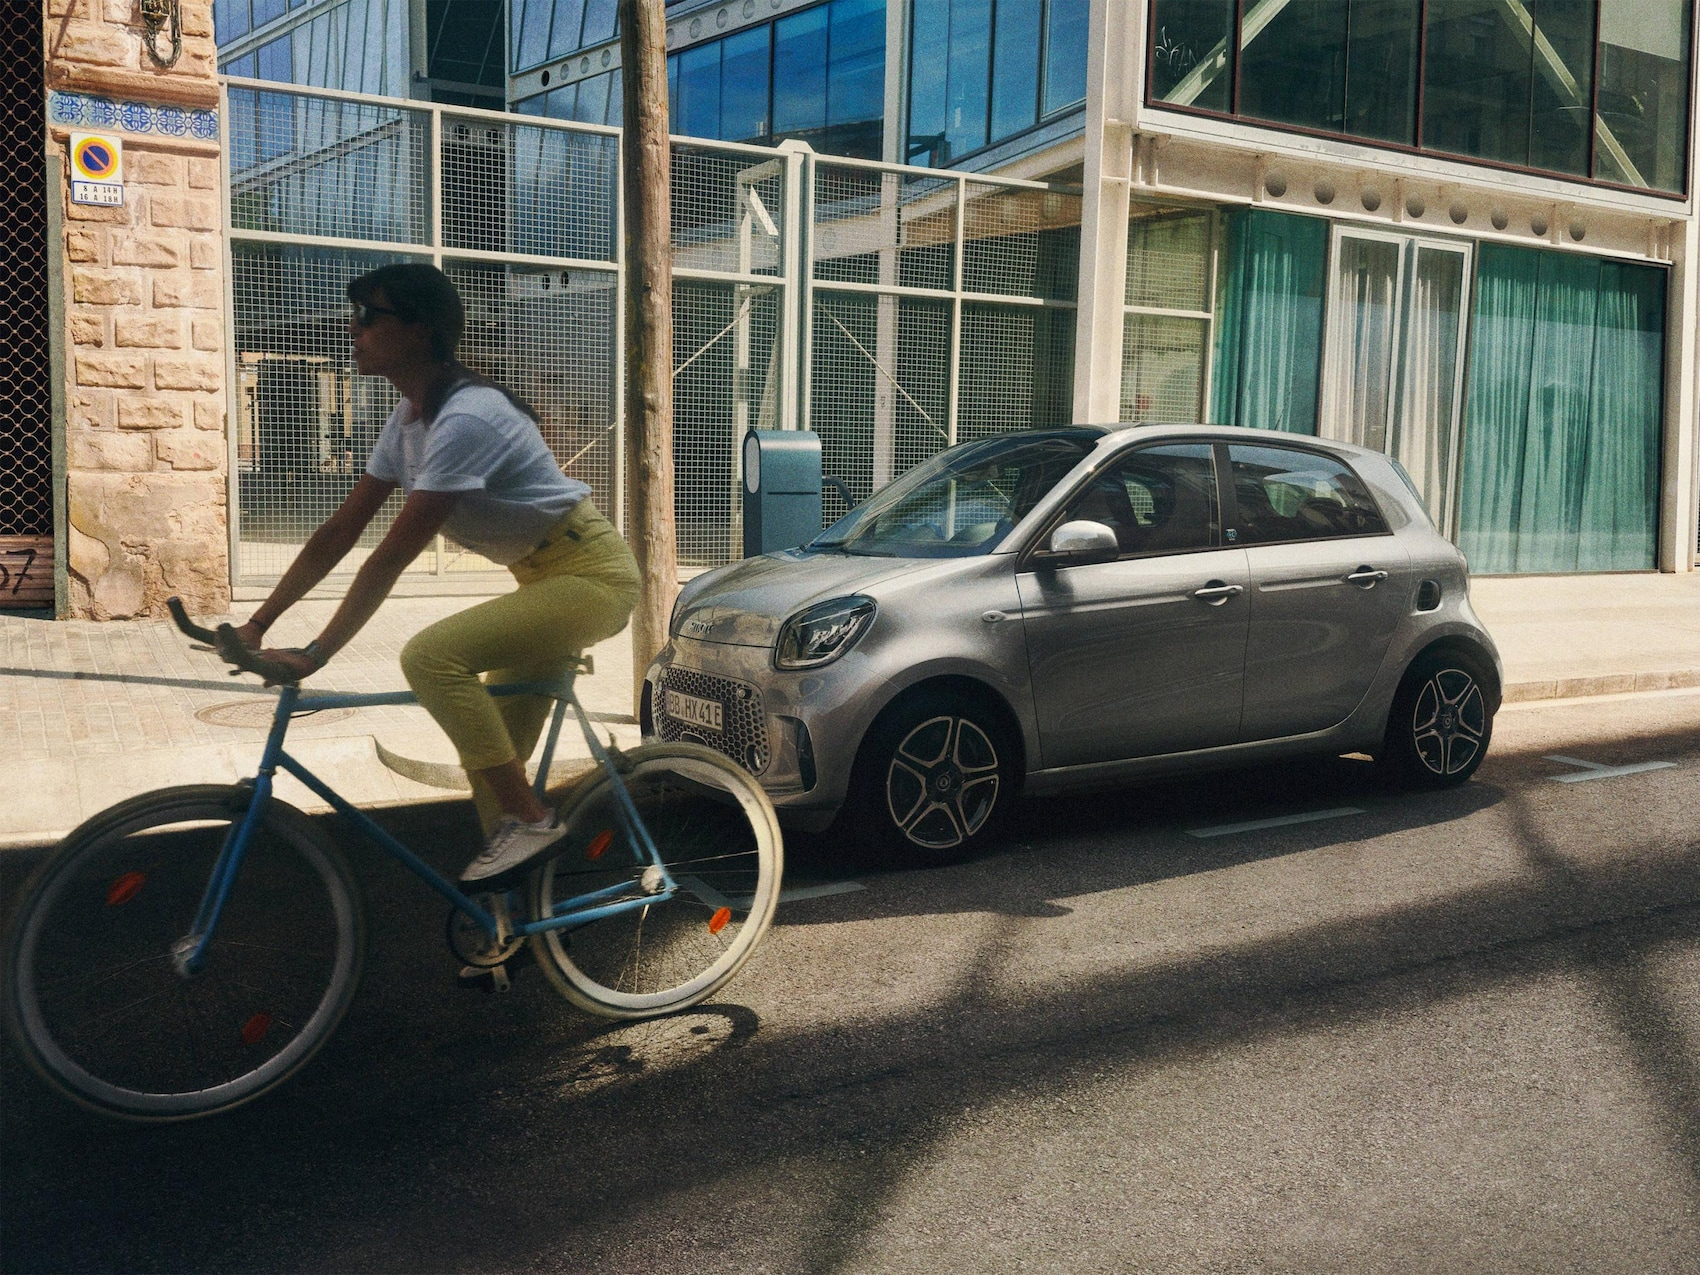 En smart EQ forfour står parkerad vid trottoarkanten. En cyklist kör förbi.